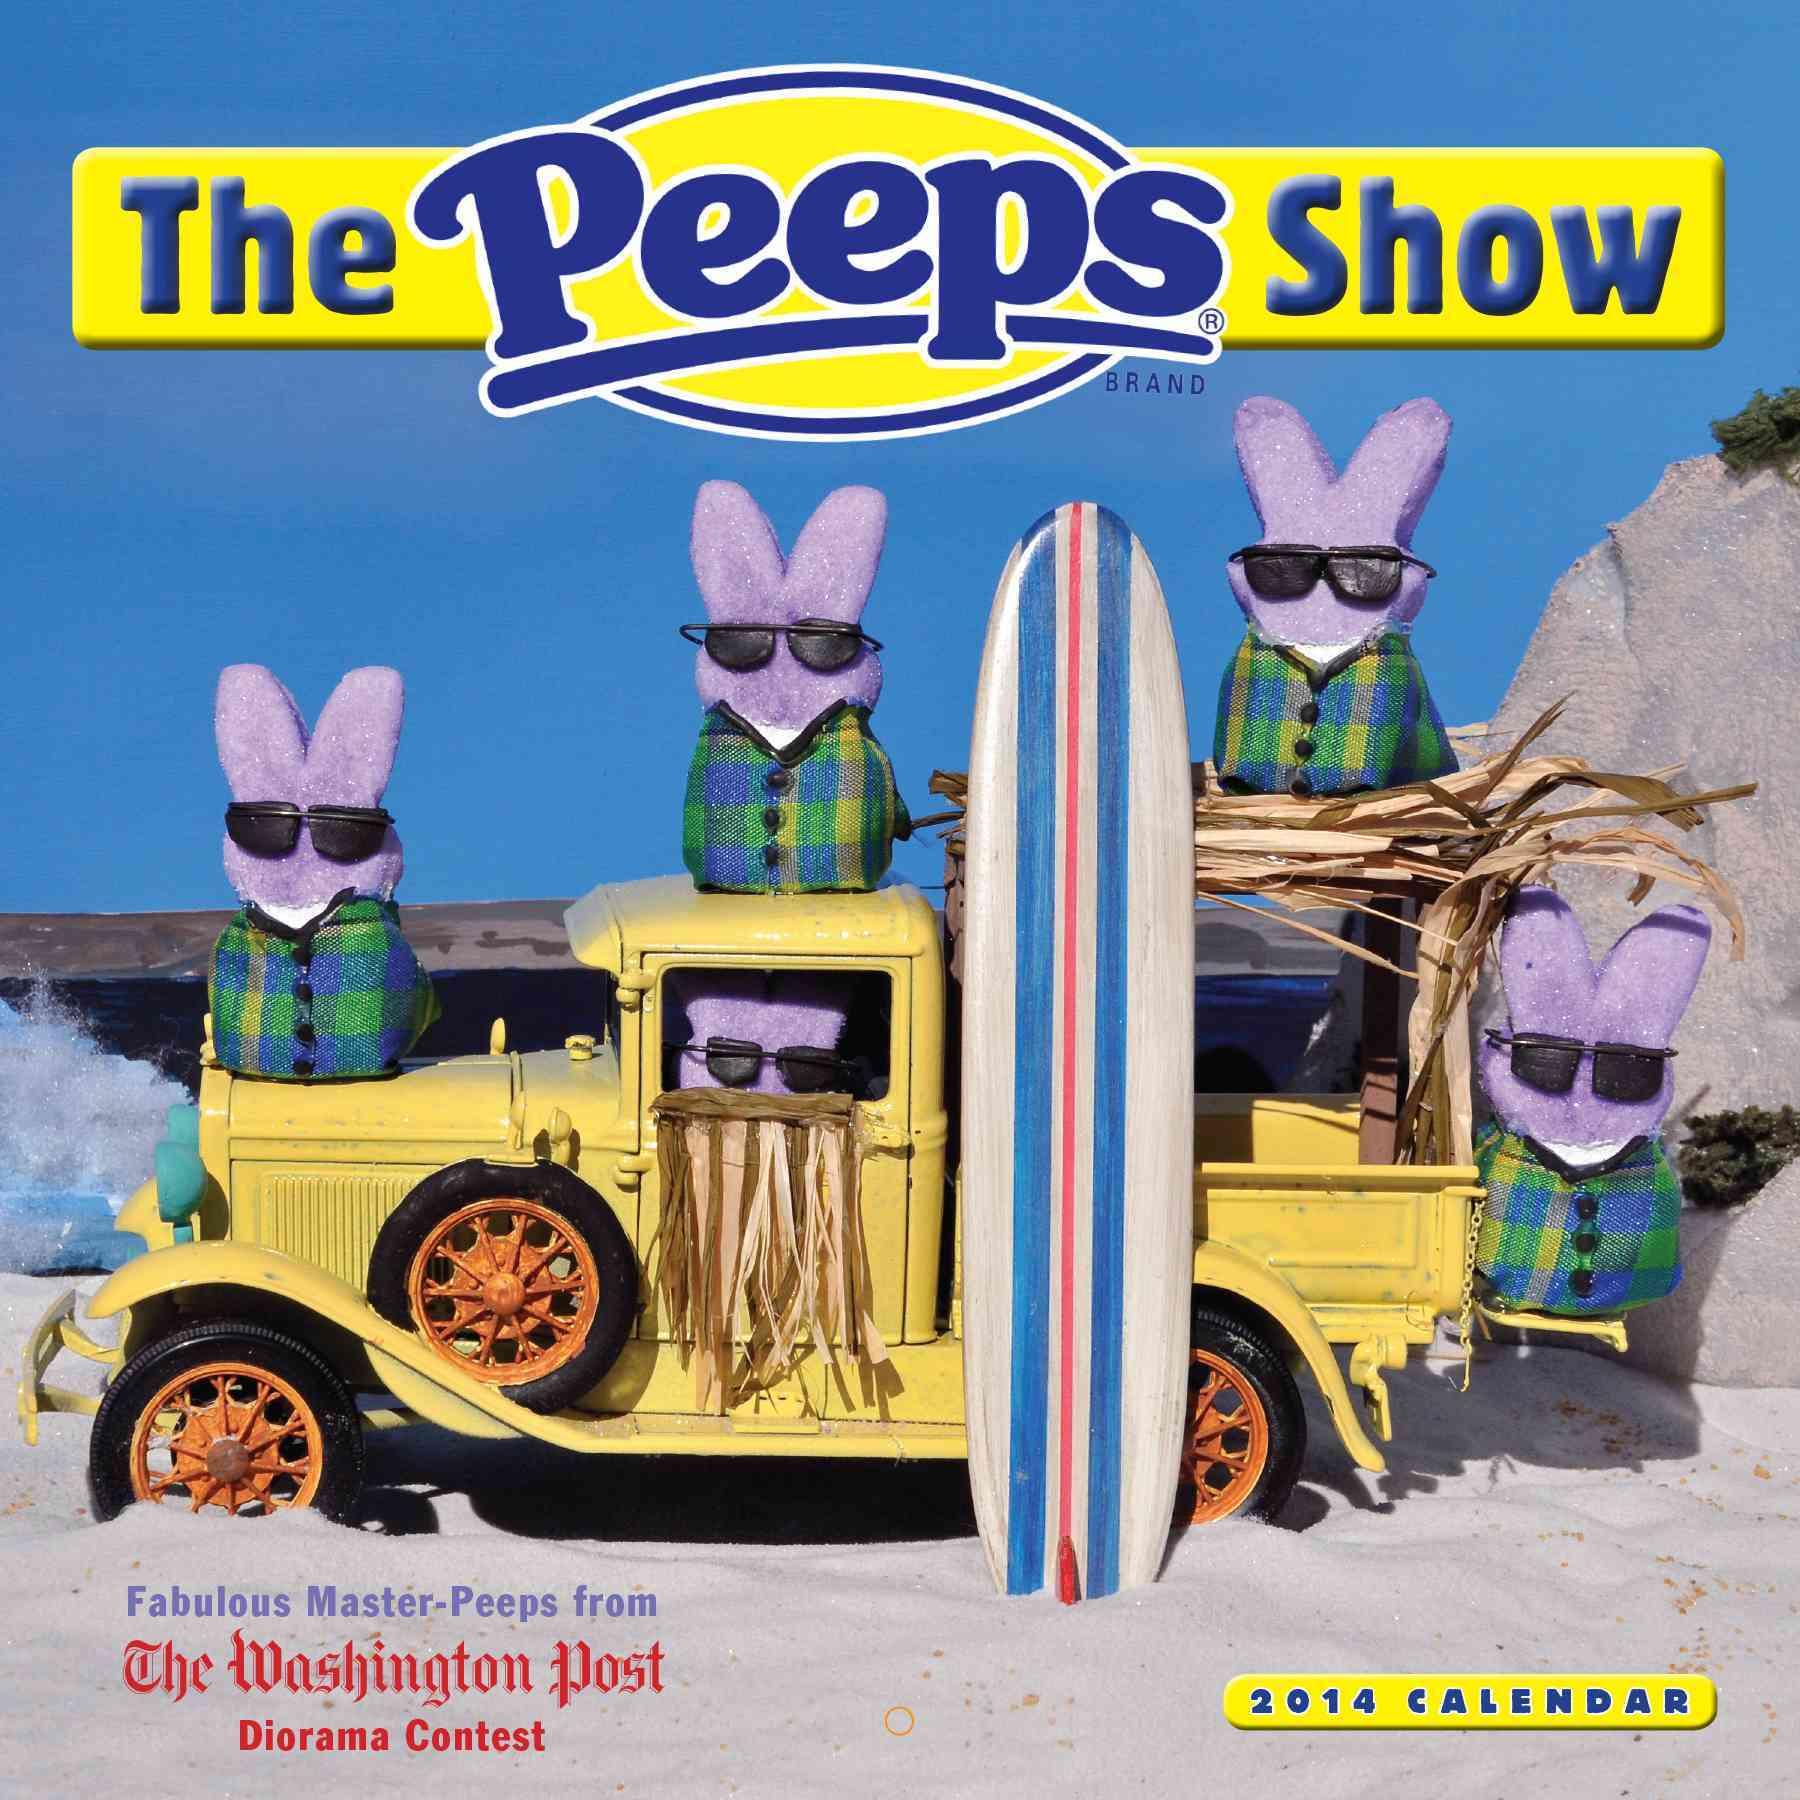 The Peeps Show 2014 Calendar (Calendar)